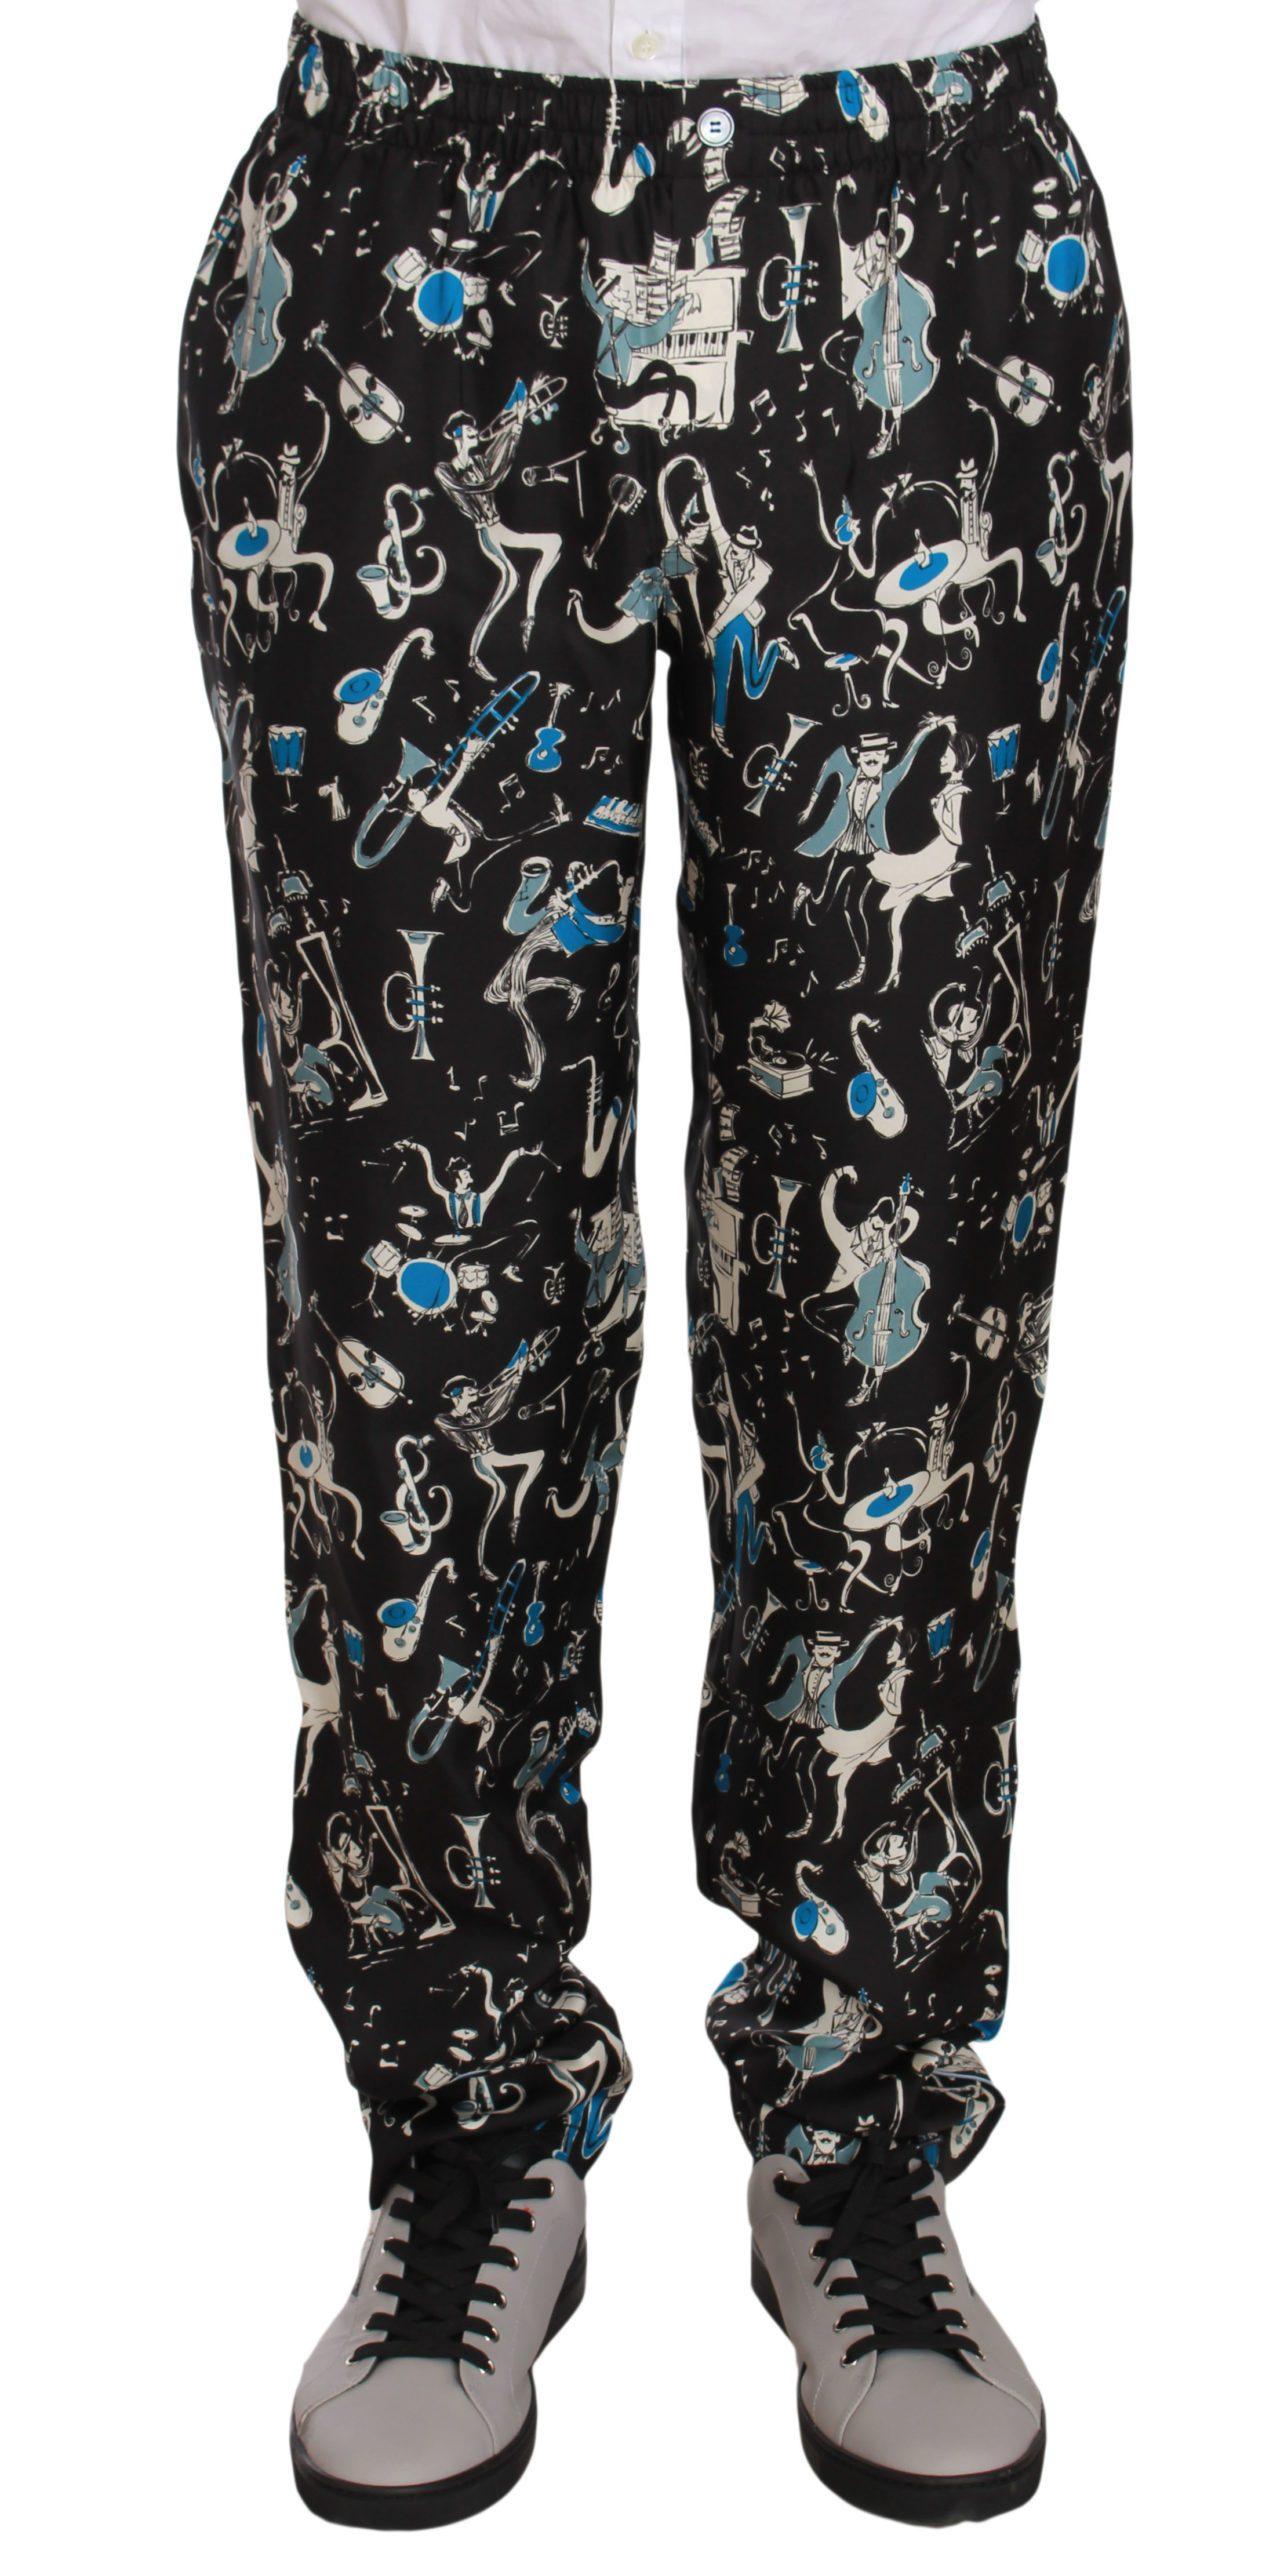 Dolce & Gabbana Men's Trousers Black PAN61303 - IT46   S